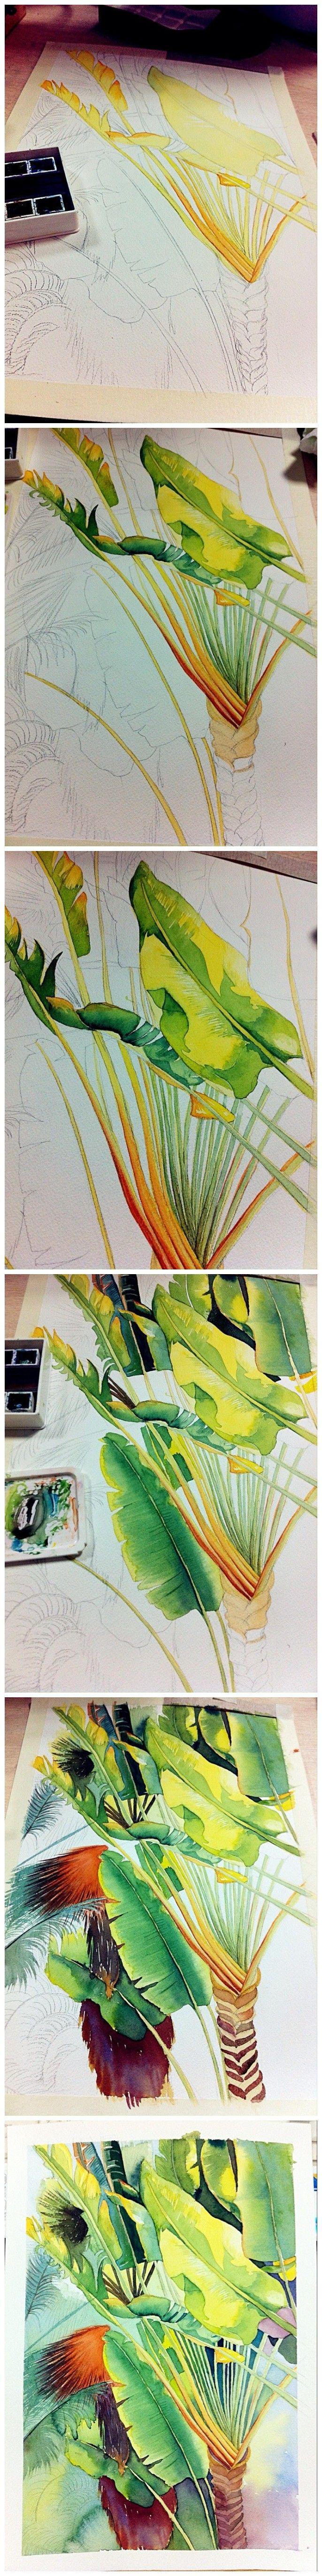 watercolor http://www.marjanb.myShaklee.com